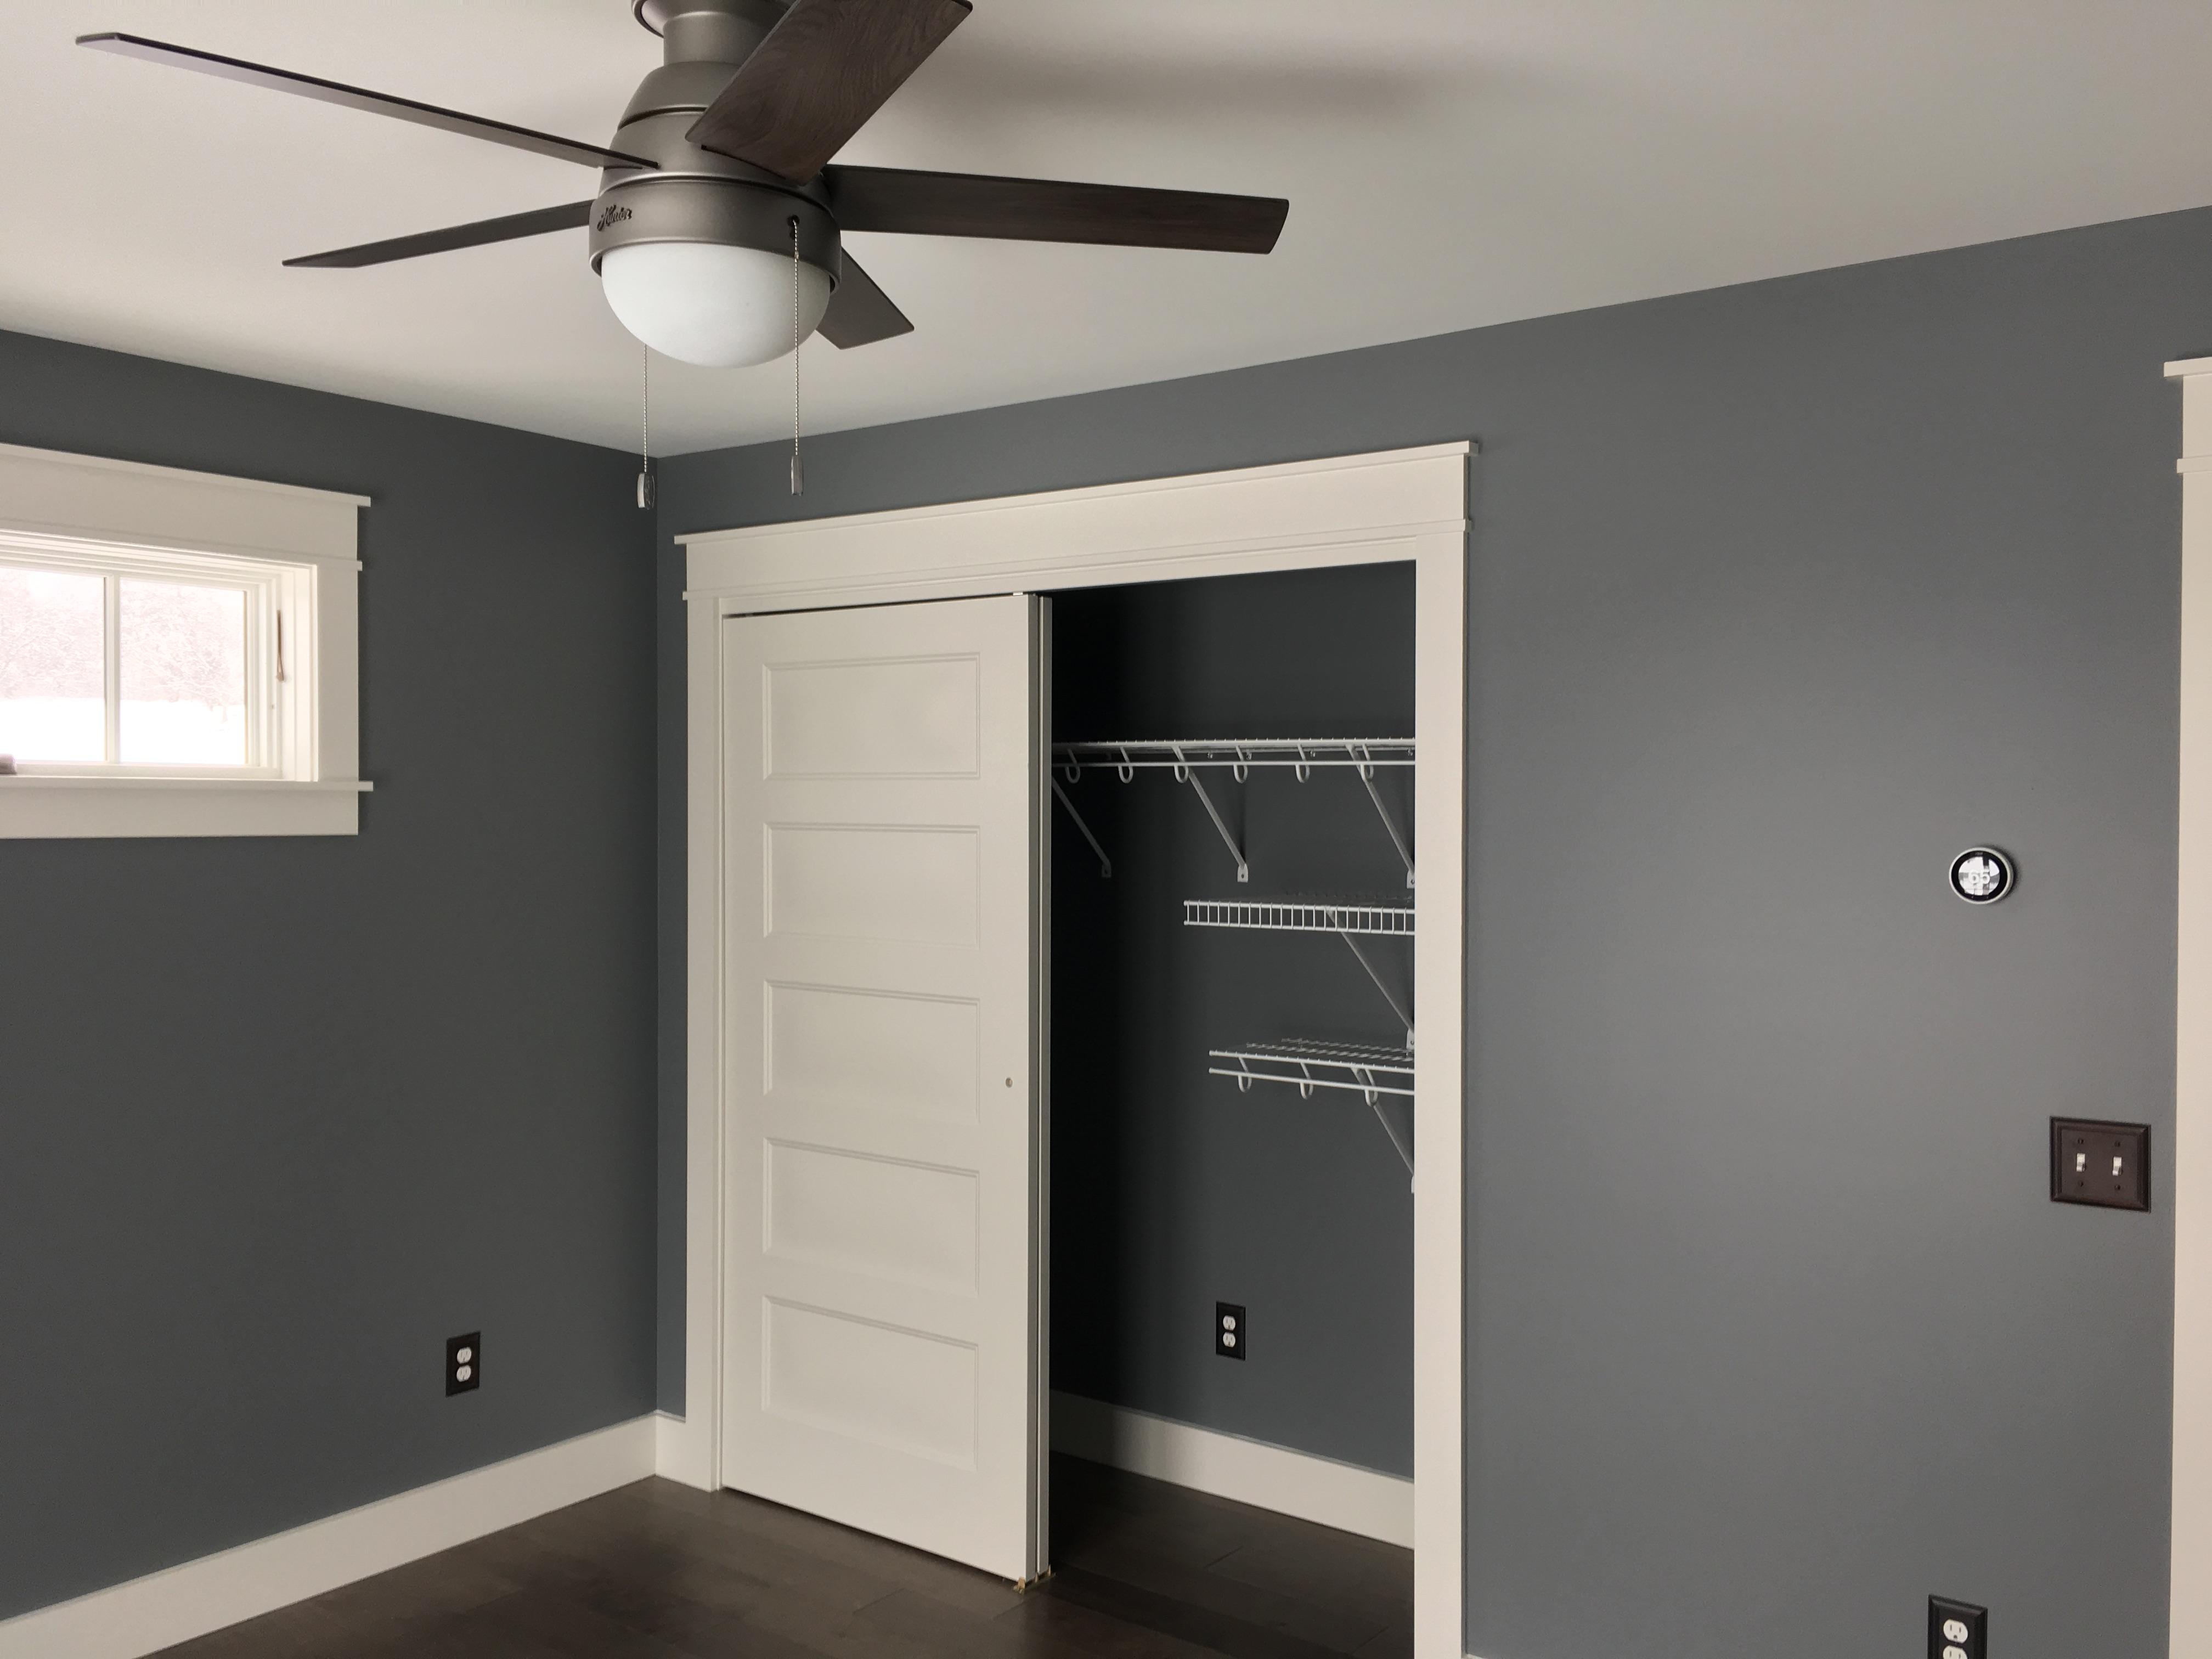 Pass by interior closet doors